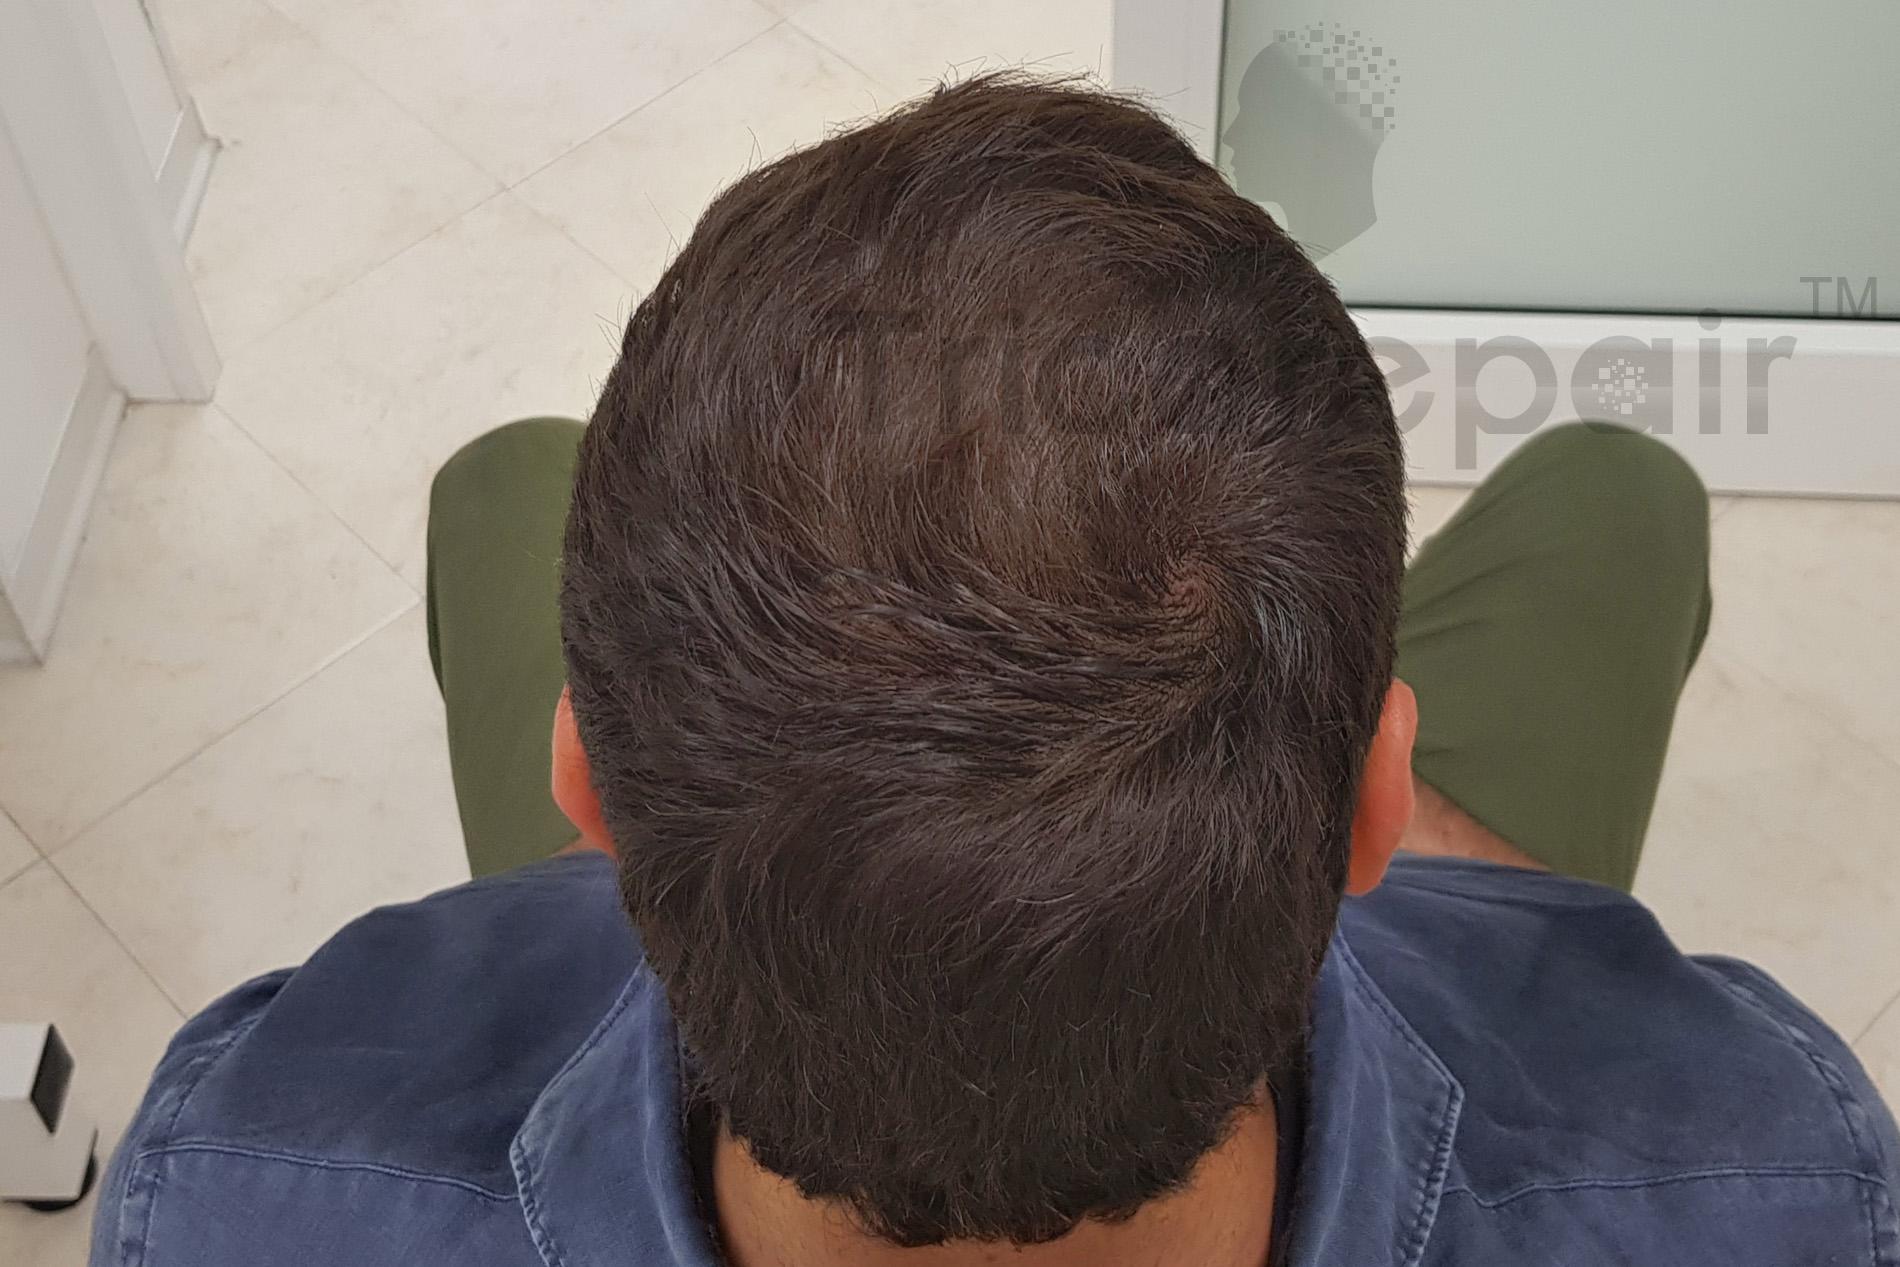 Tricopigmentazione capelli lunghi - dopo il trattamento